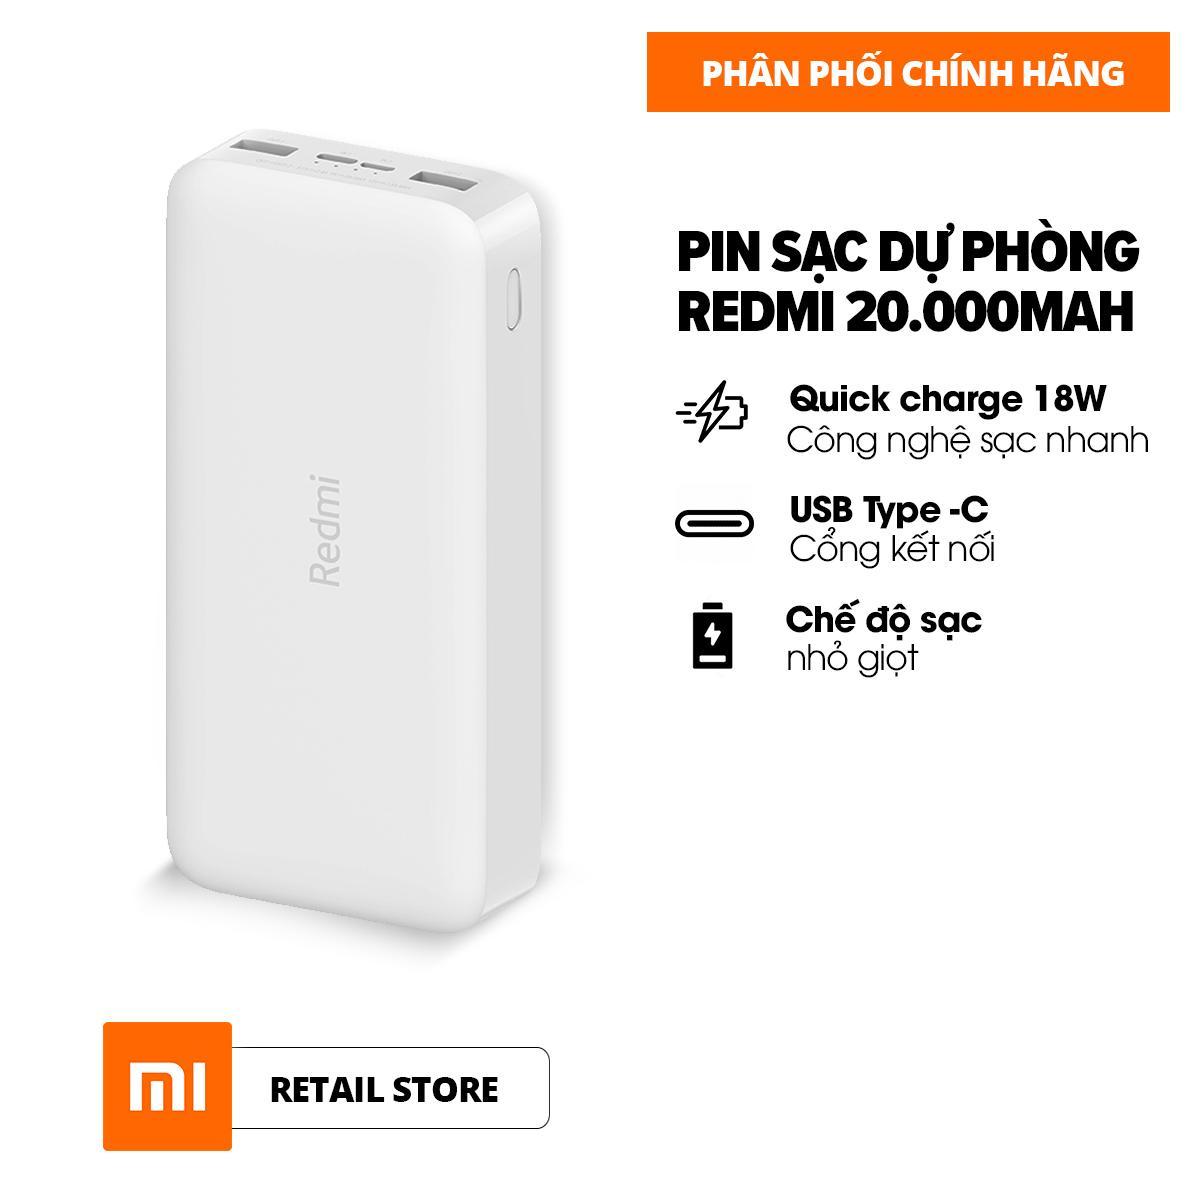 [HÀNG CHÍNH HÃNG - ĐỘC QUYỀN LAZADA] Sạc dự phòng Xiaomi Redmi 20.000mAh - Sạc nhanh Max 18W - Input: Micro USB & Type-C / Output: USB-A x2